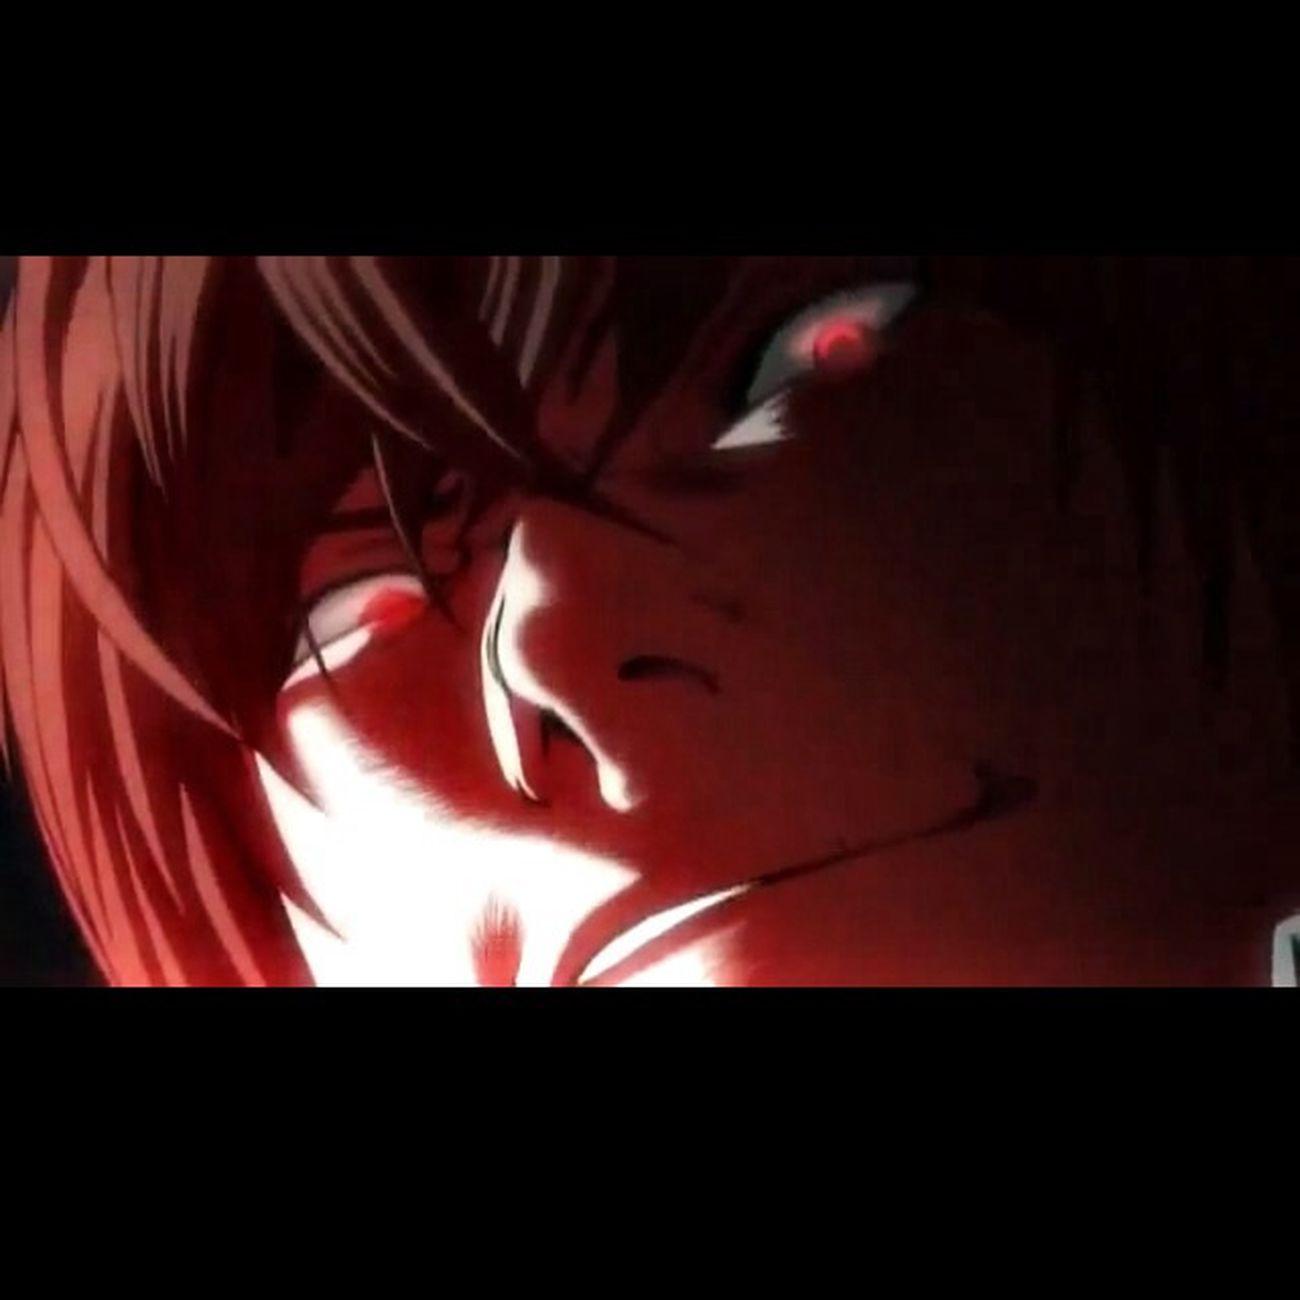 la reaction de Kira ! A la mort de L ❤ Death Note ️